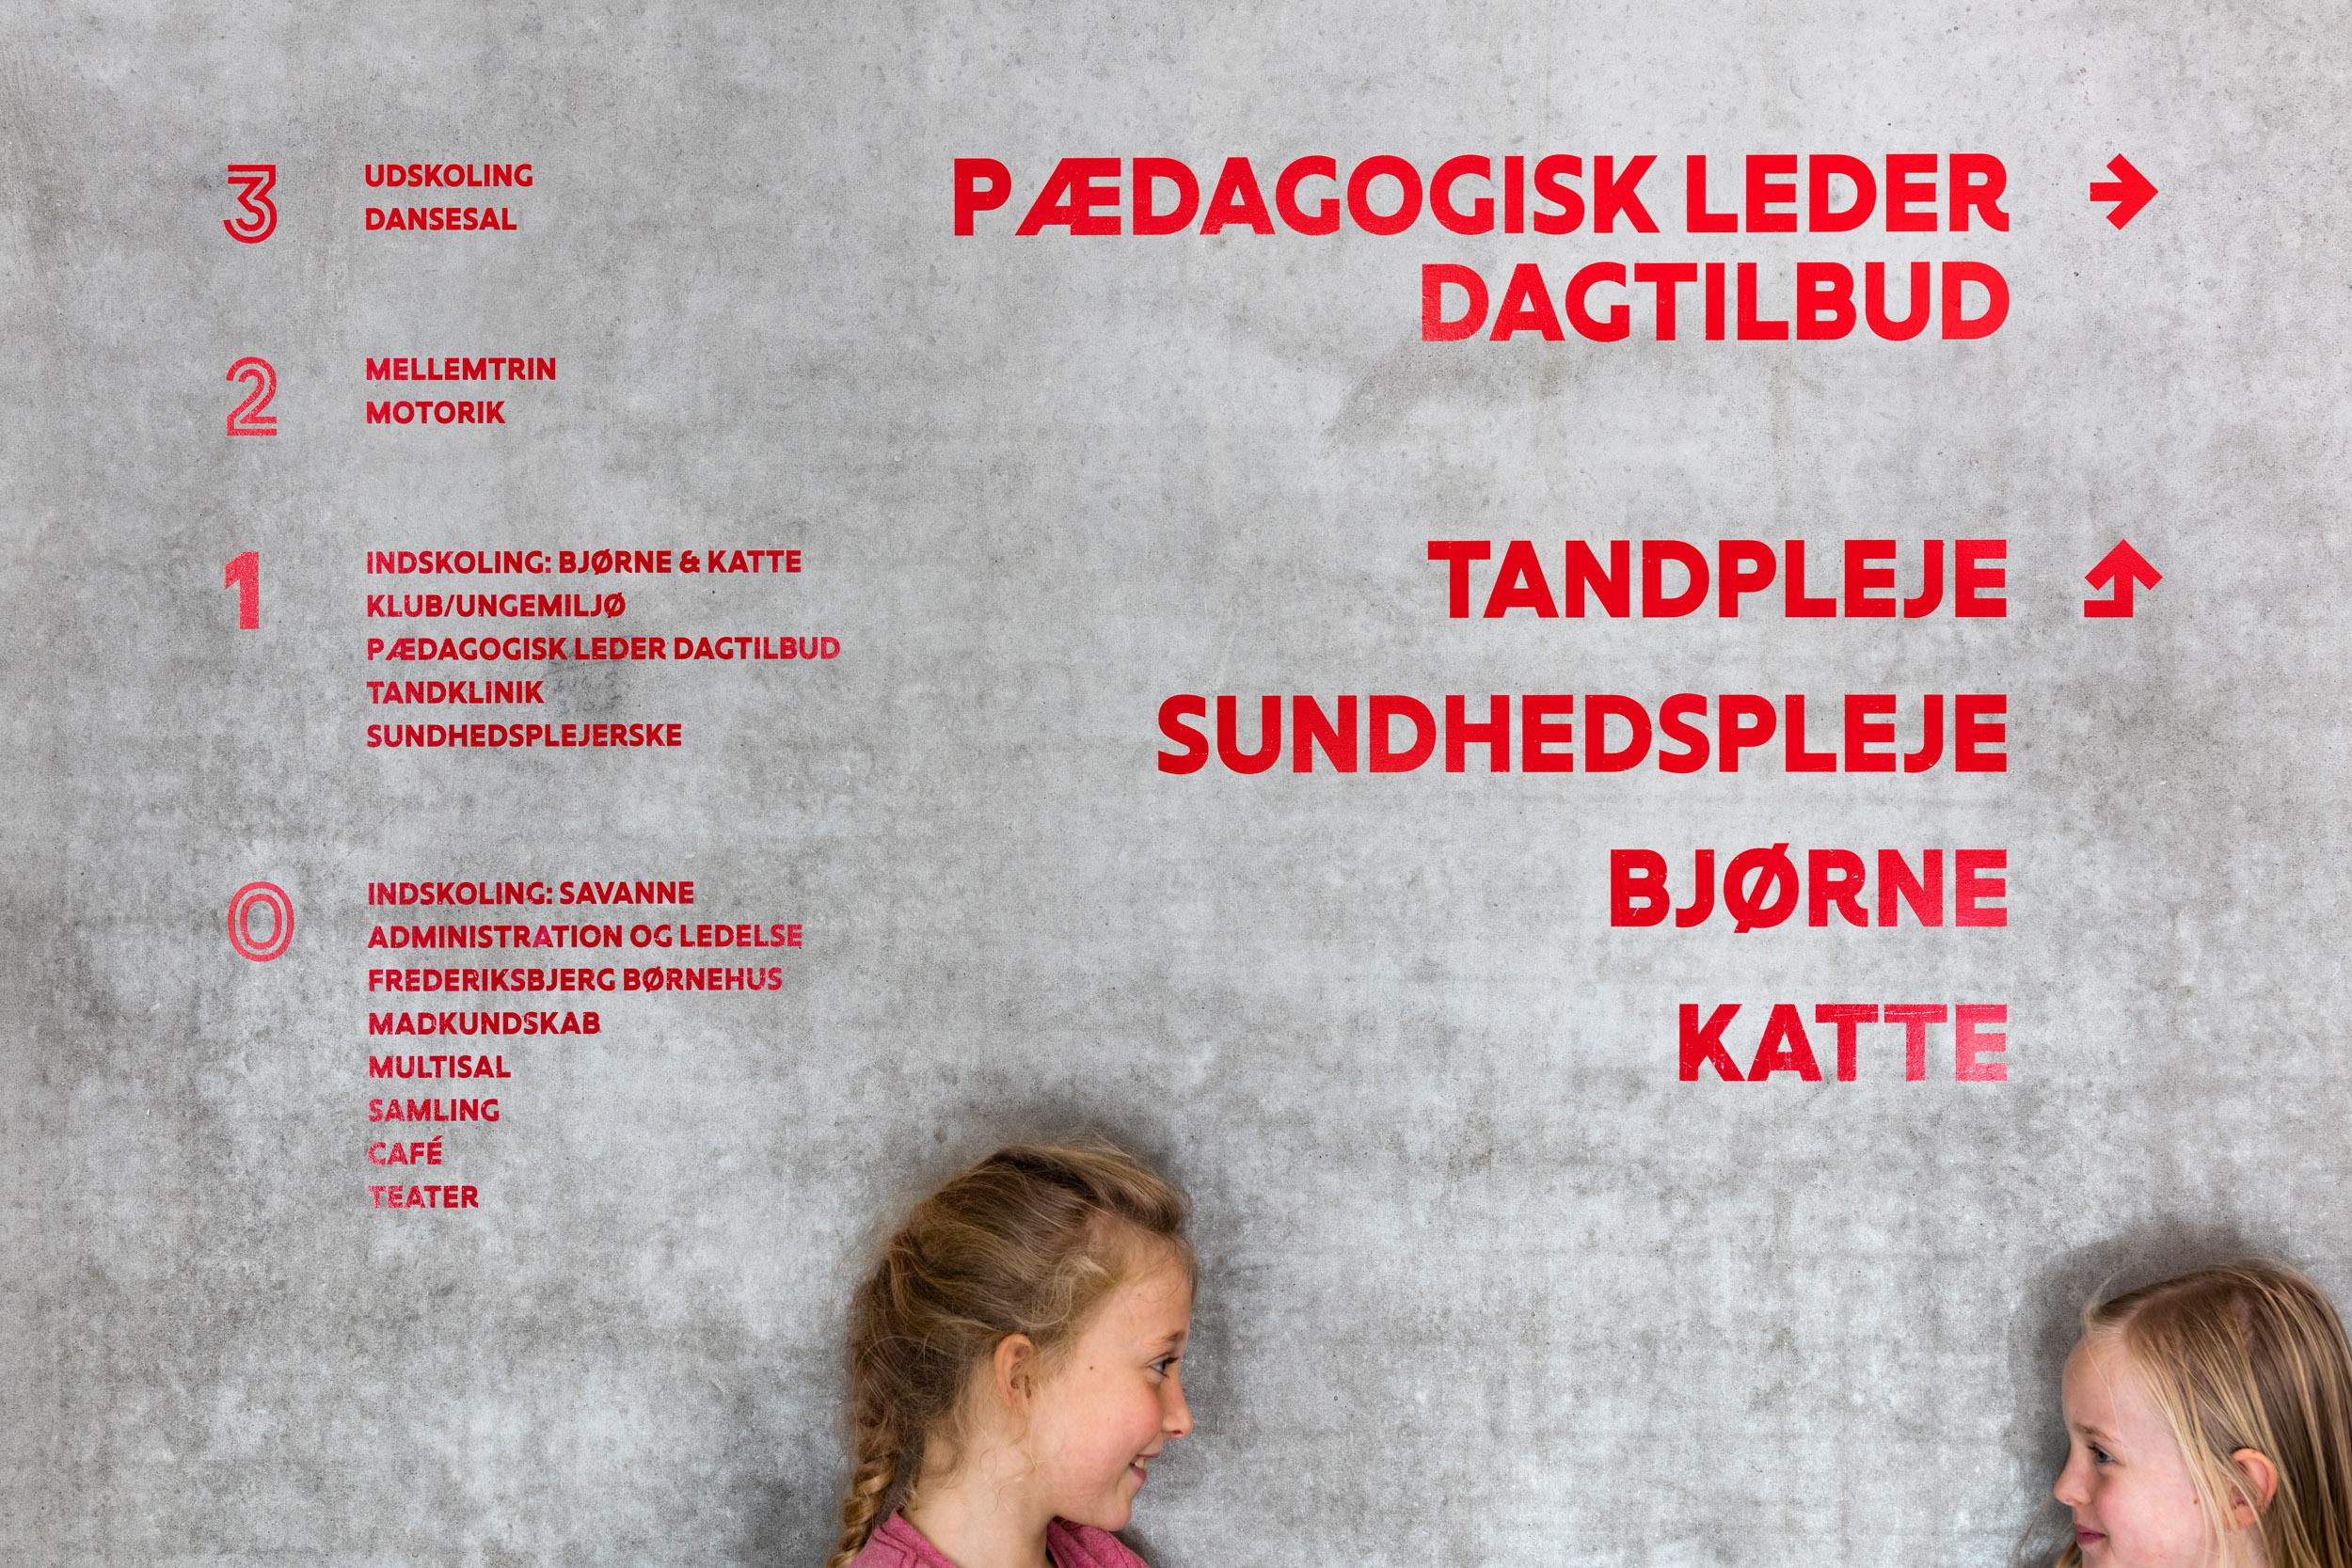 HLA_Frederiksbjerg_Skole_Wayfinding_064.jpg